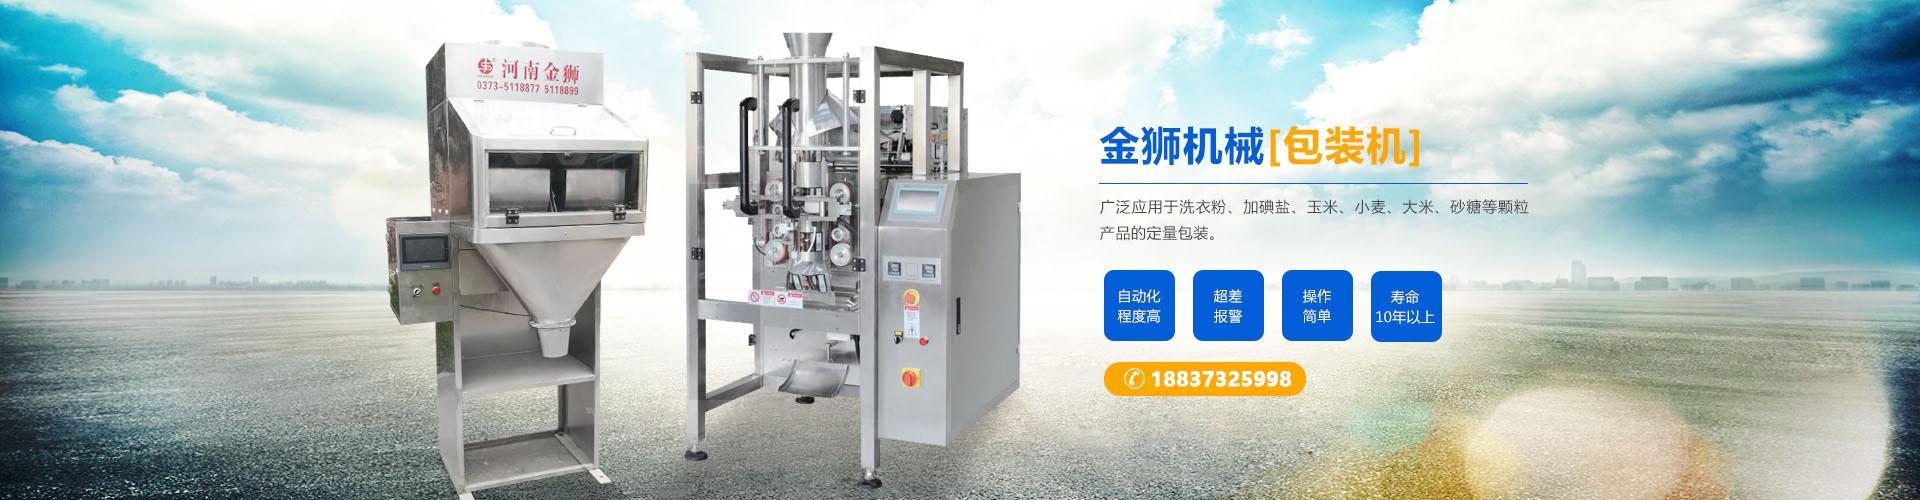 河南金狮机械设备有限公司